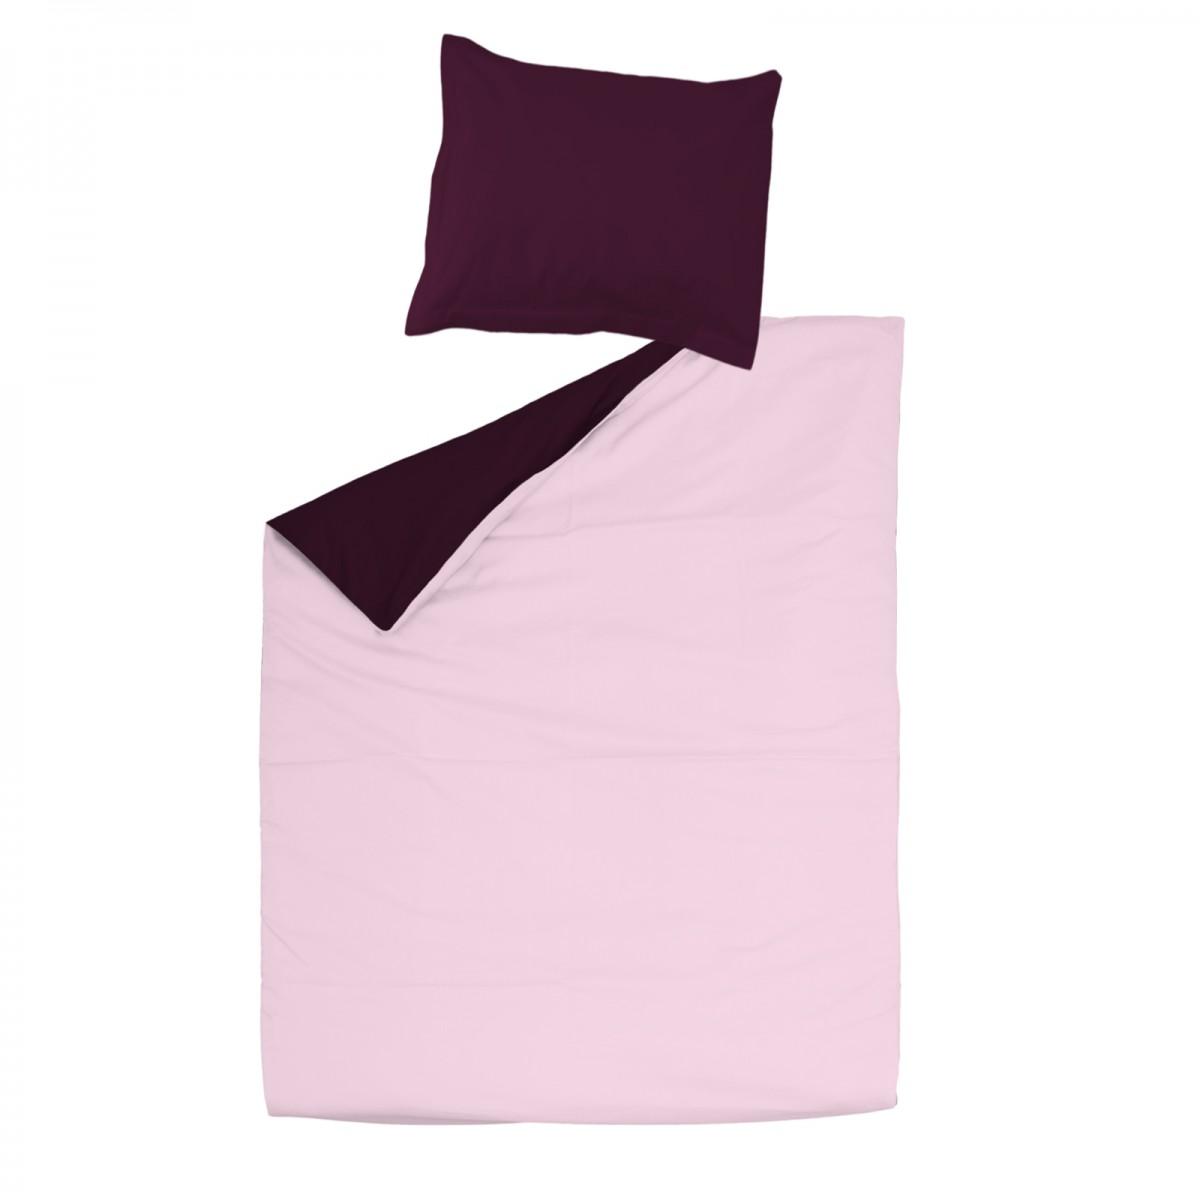 aubergine et rose 100 coton parure de lit r versible housse de couette et taies d 39 oreiller. Black Bedroom Furniture Sets. Home Design Ideas